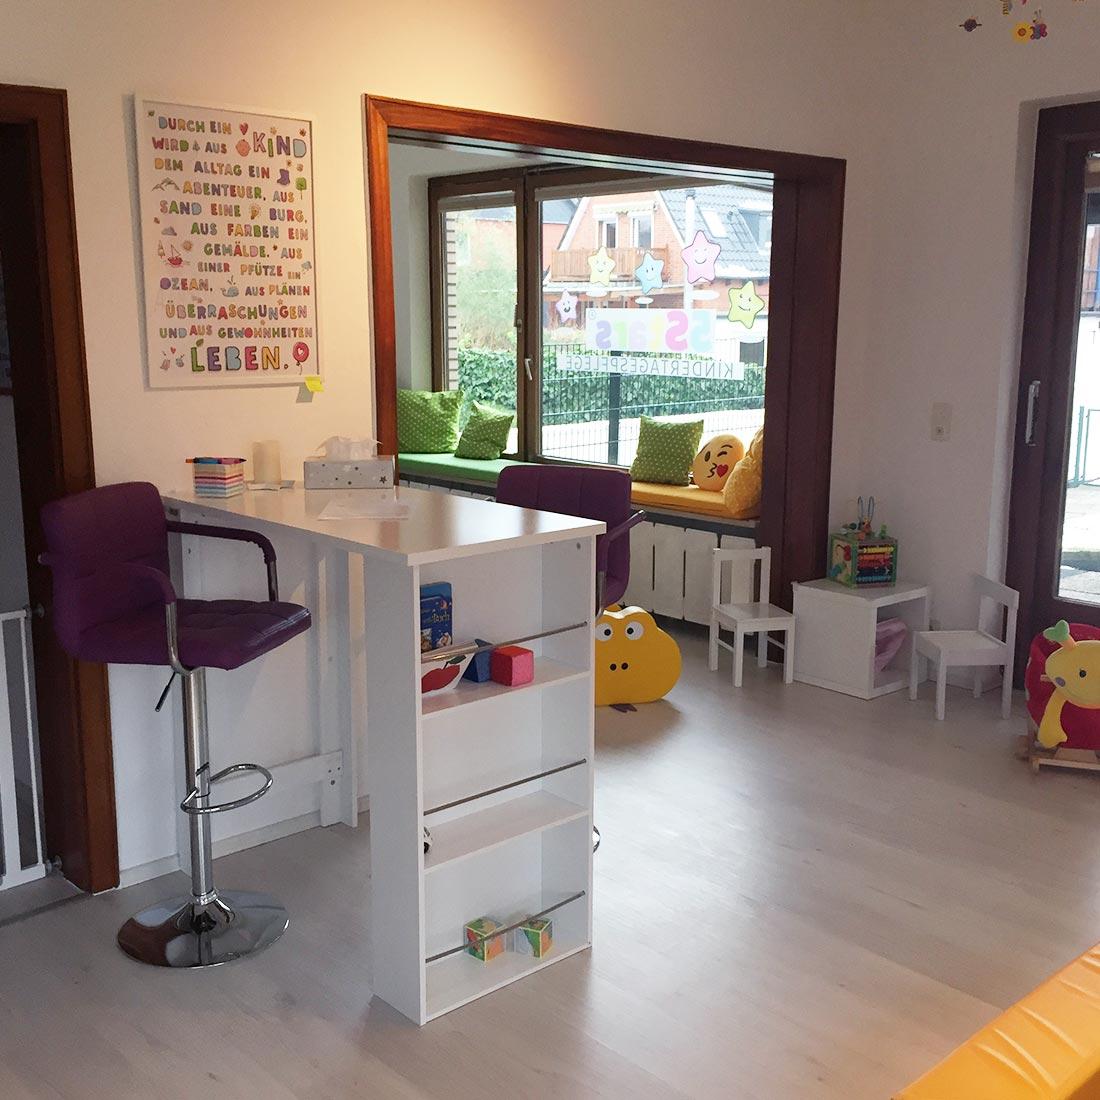 5Stars Kindertagespflege Tagesmutter Lübeck Innenaufnahme Wohnzimmer